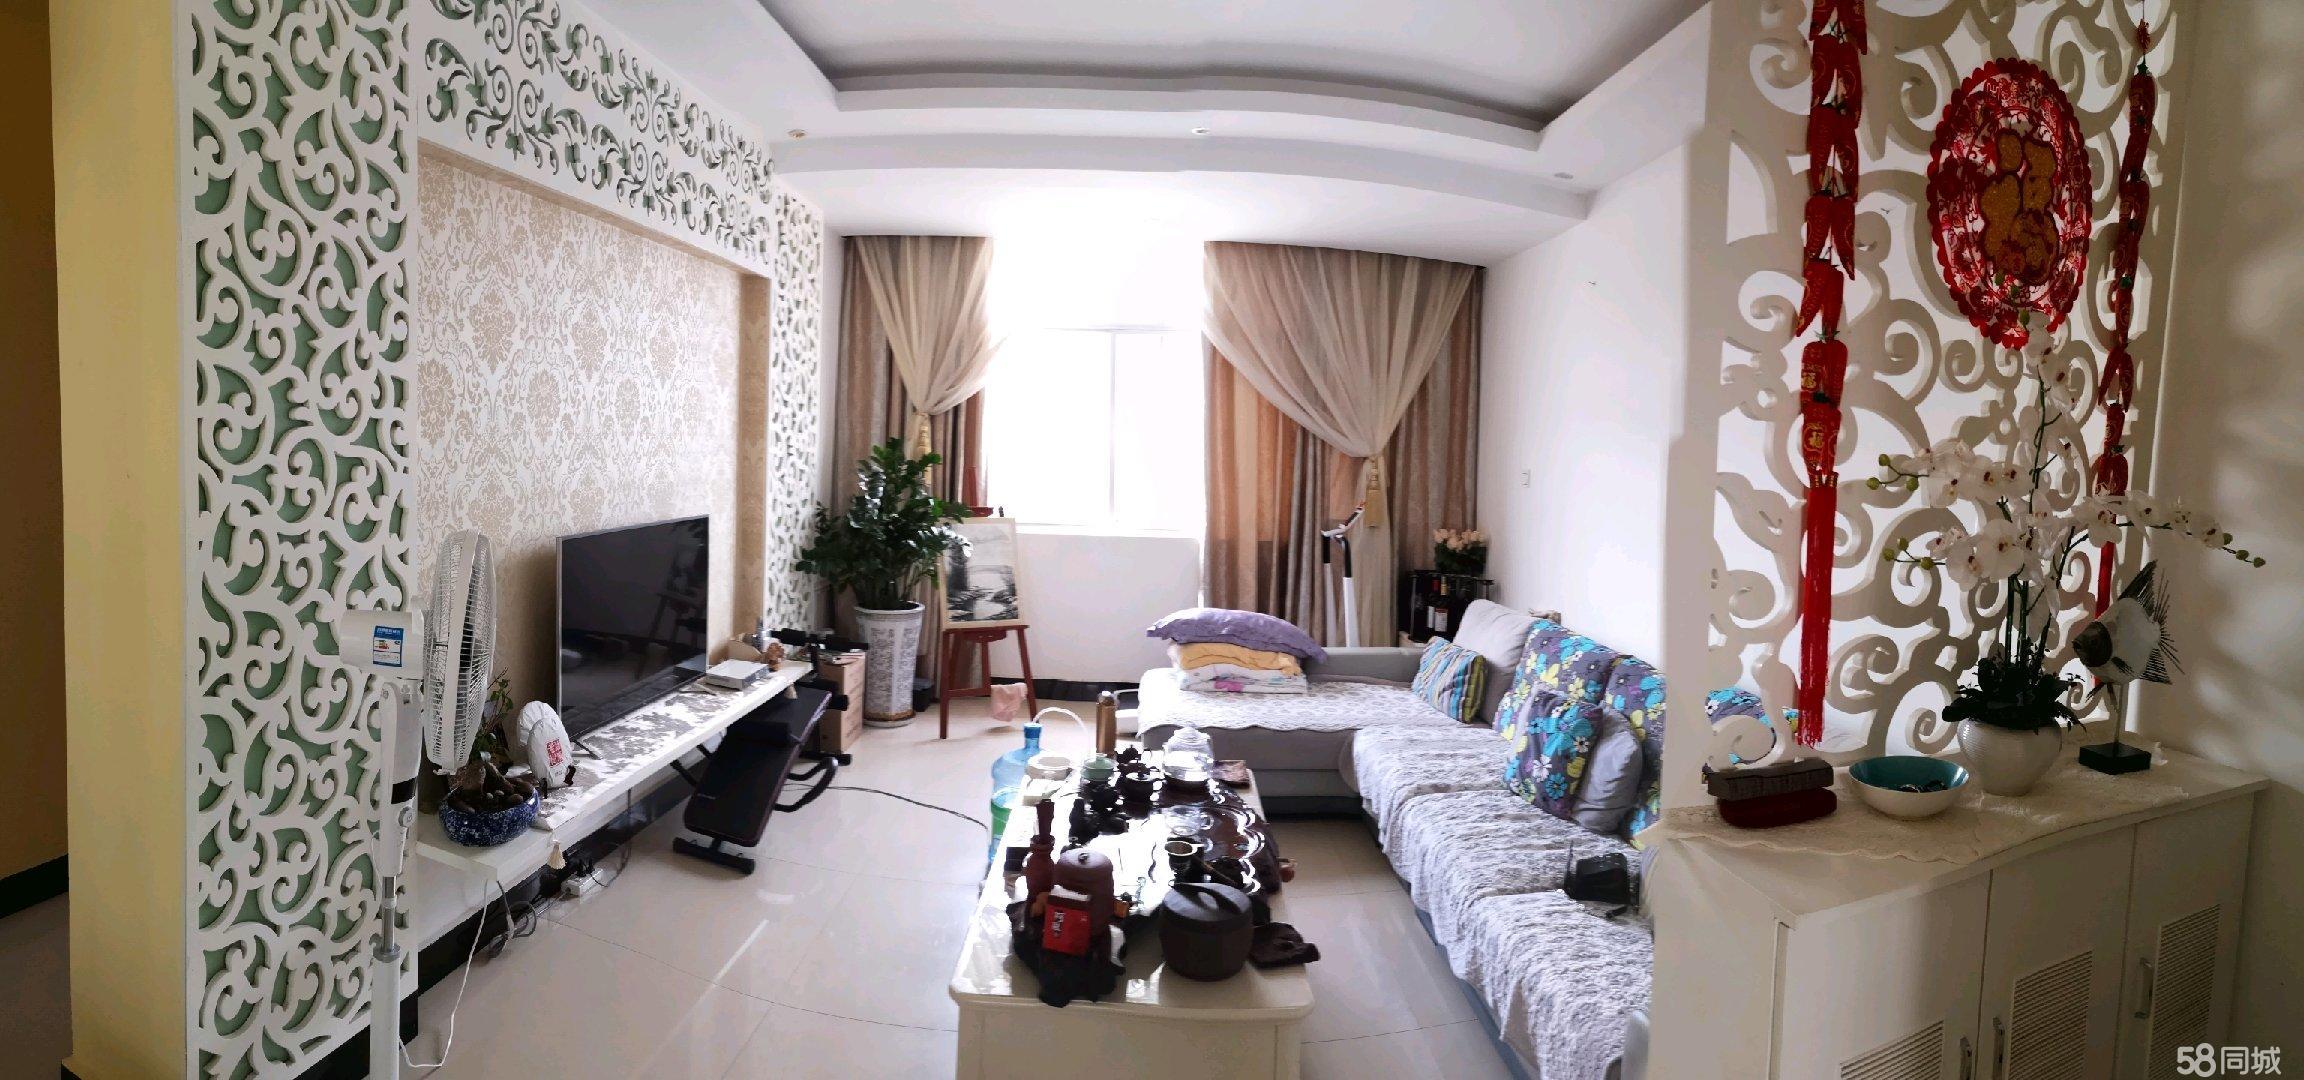 80平方米2室2厅小户型精装修